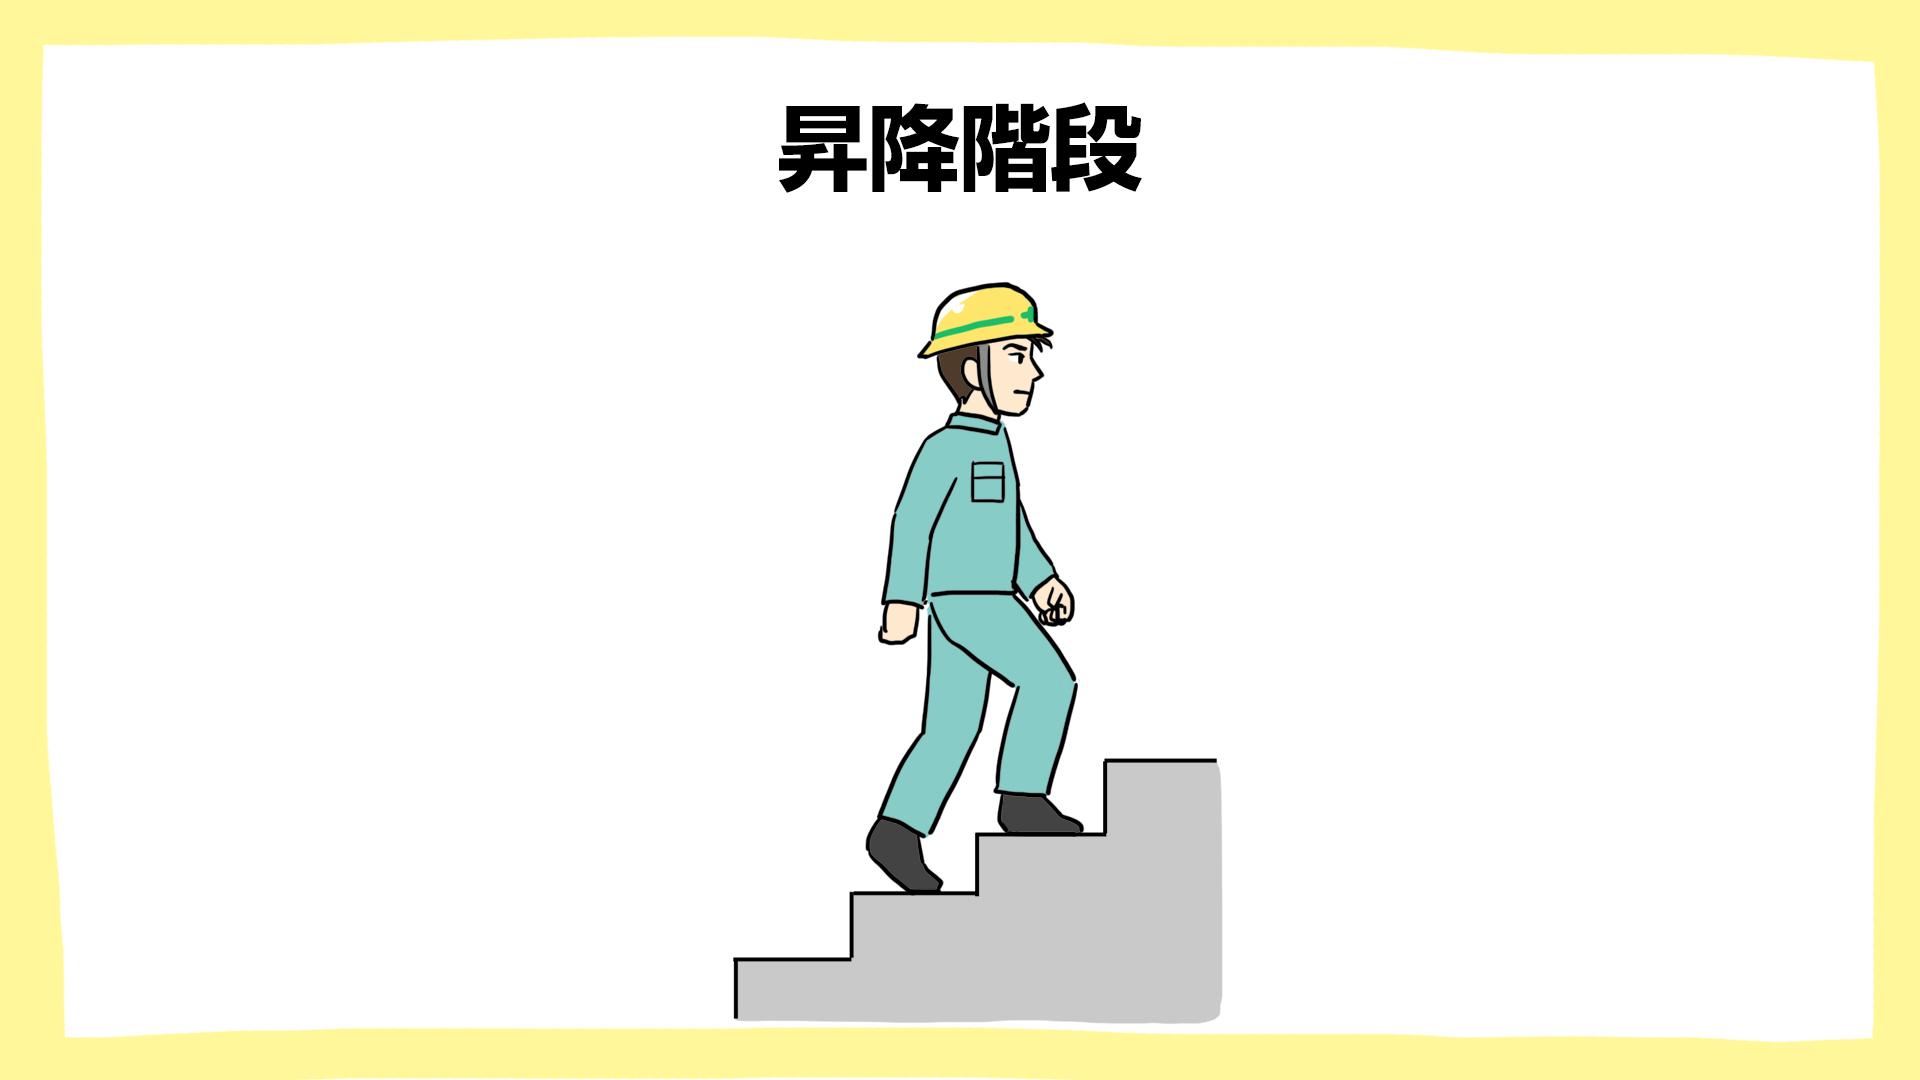 昇降階段・建設現場の安全ポスター